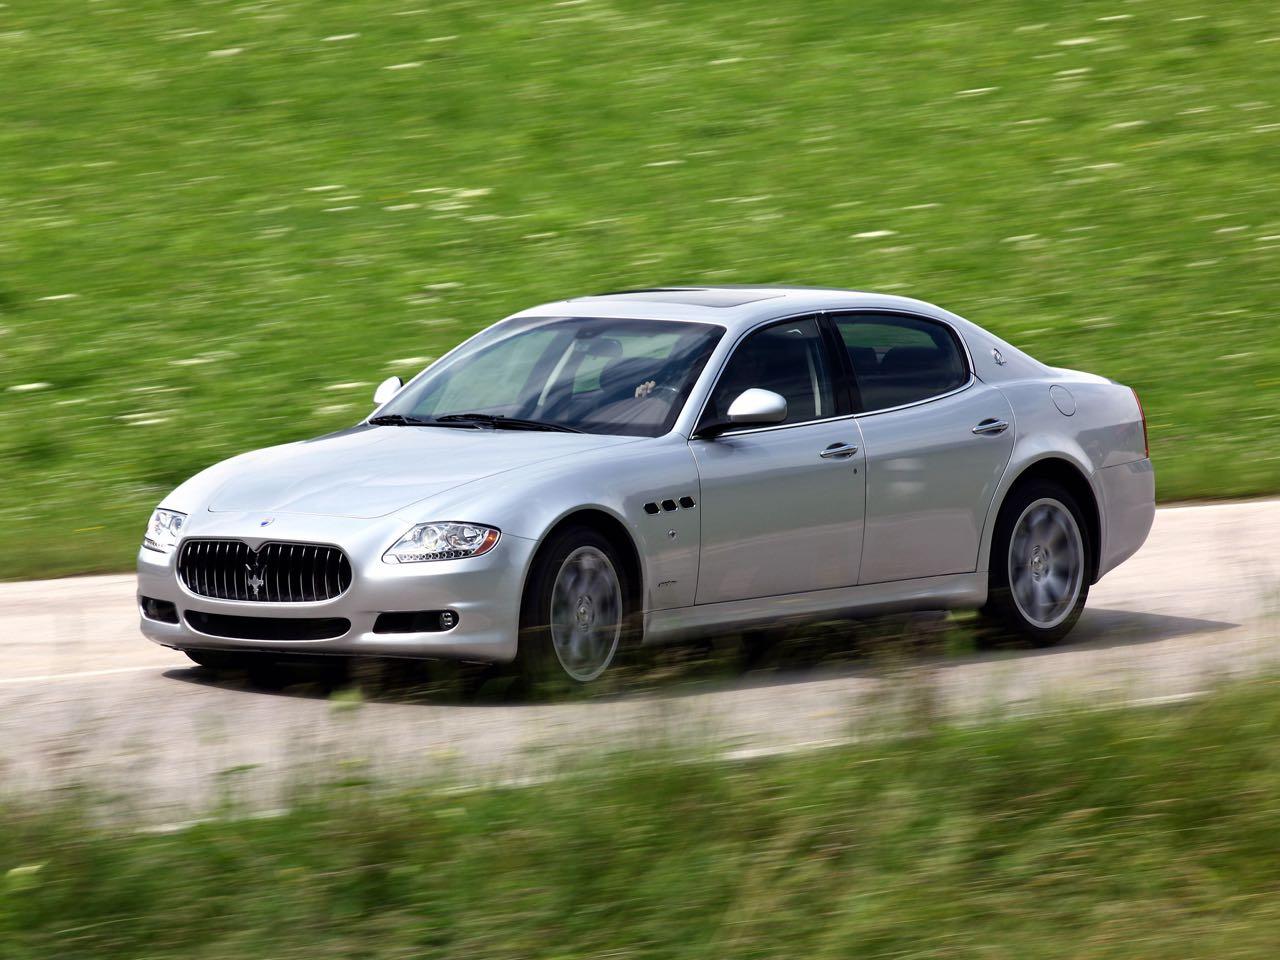 Maserati Quattroporte 2009 – 4